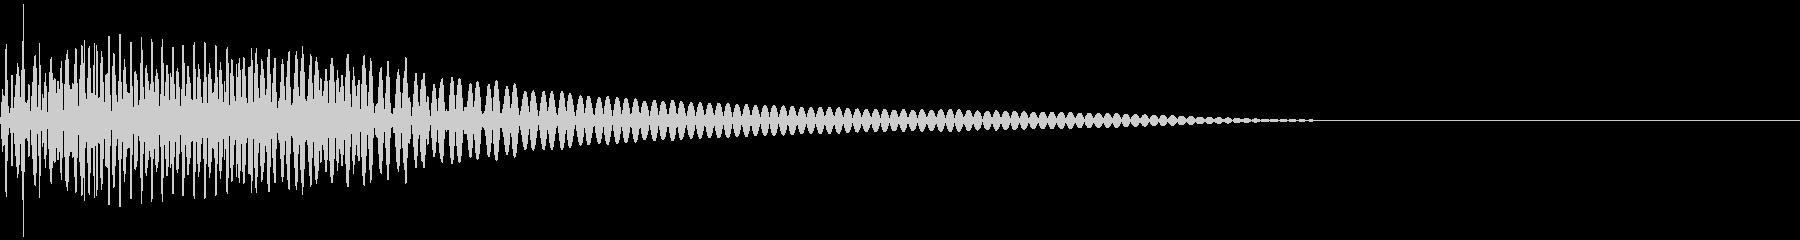 ベース/ドゥーン/ネックスライド/A08の未再生の波形